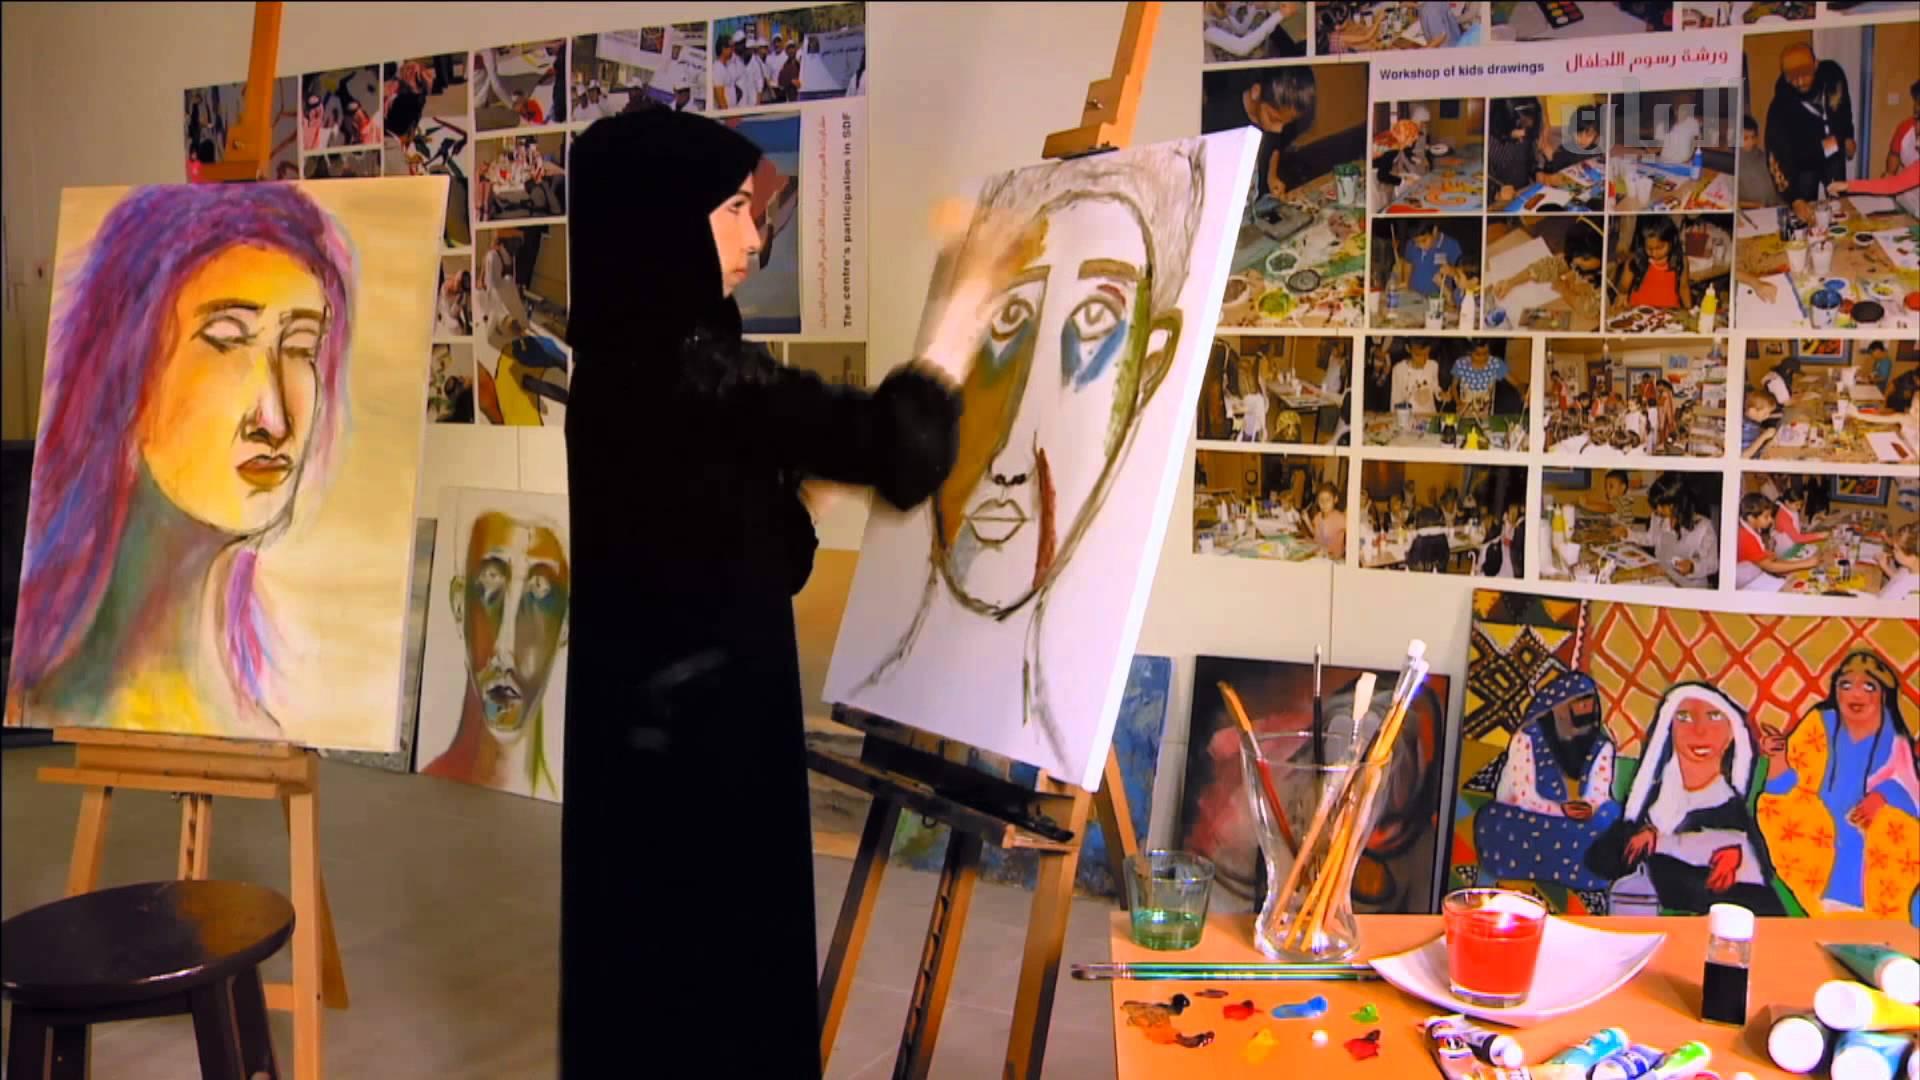 ثقافة إربد تنظم معرضاً للفن التشكيلي